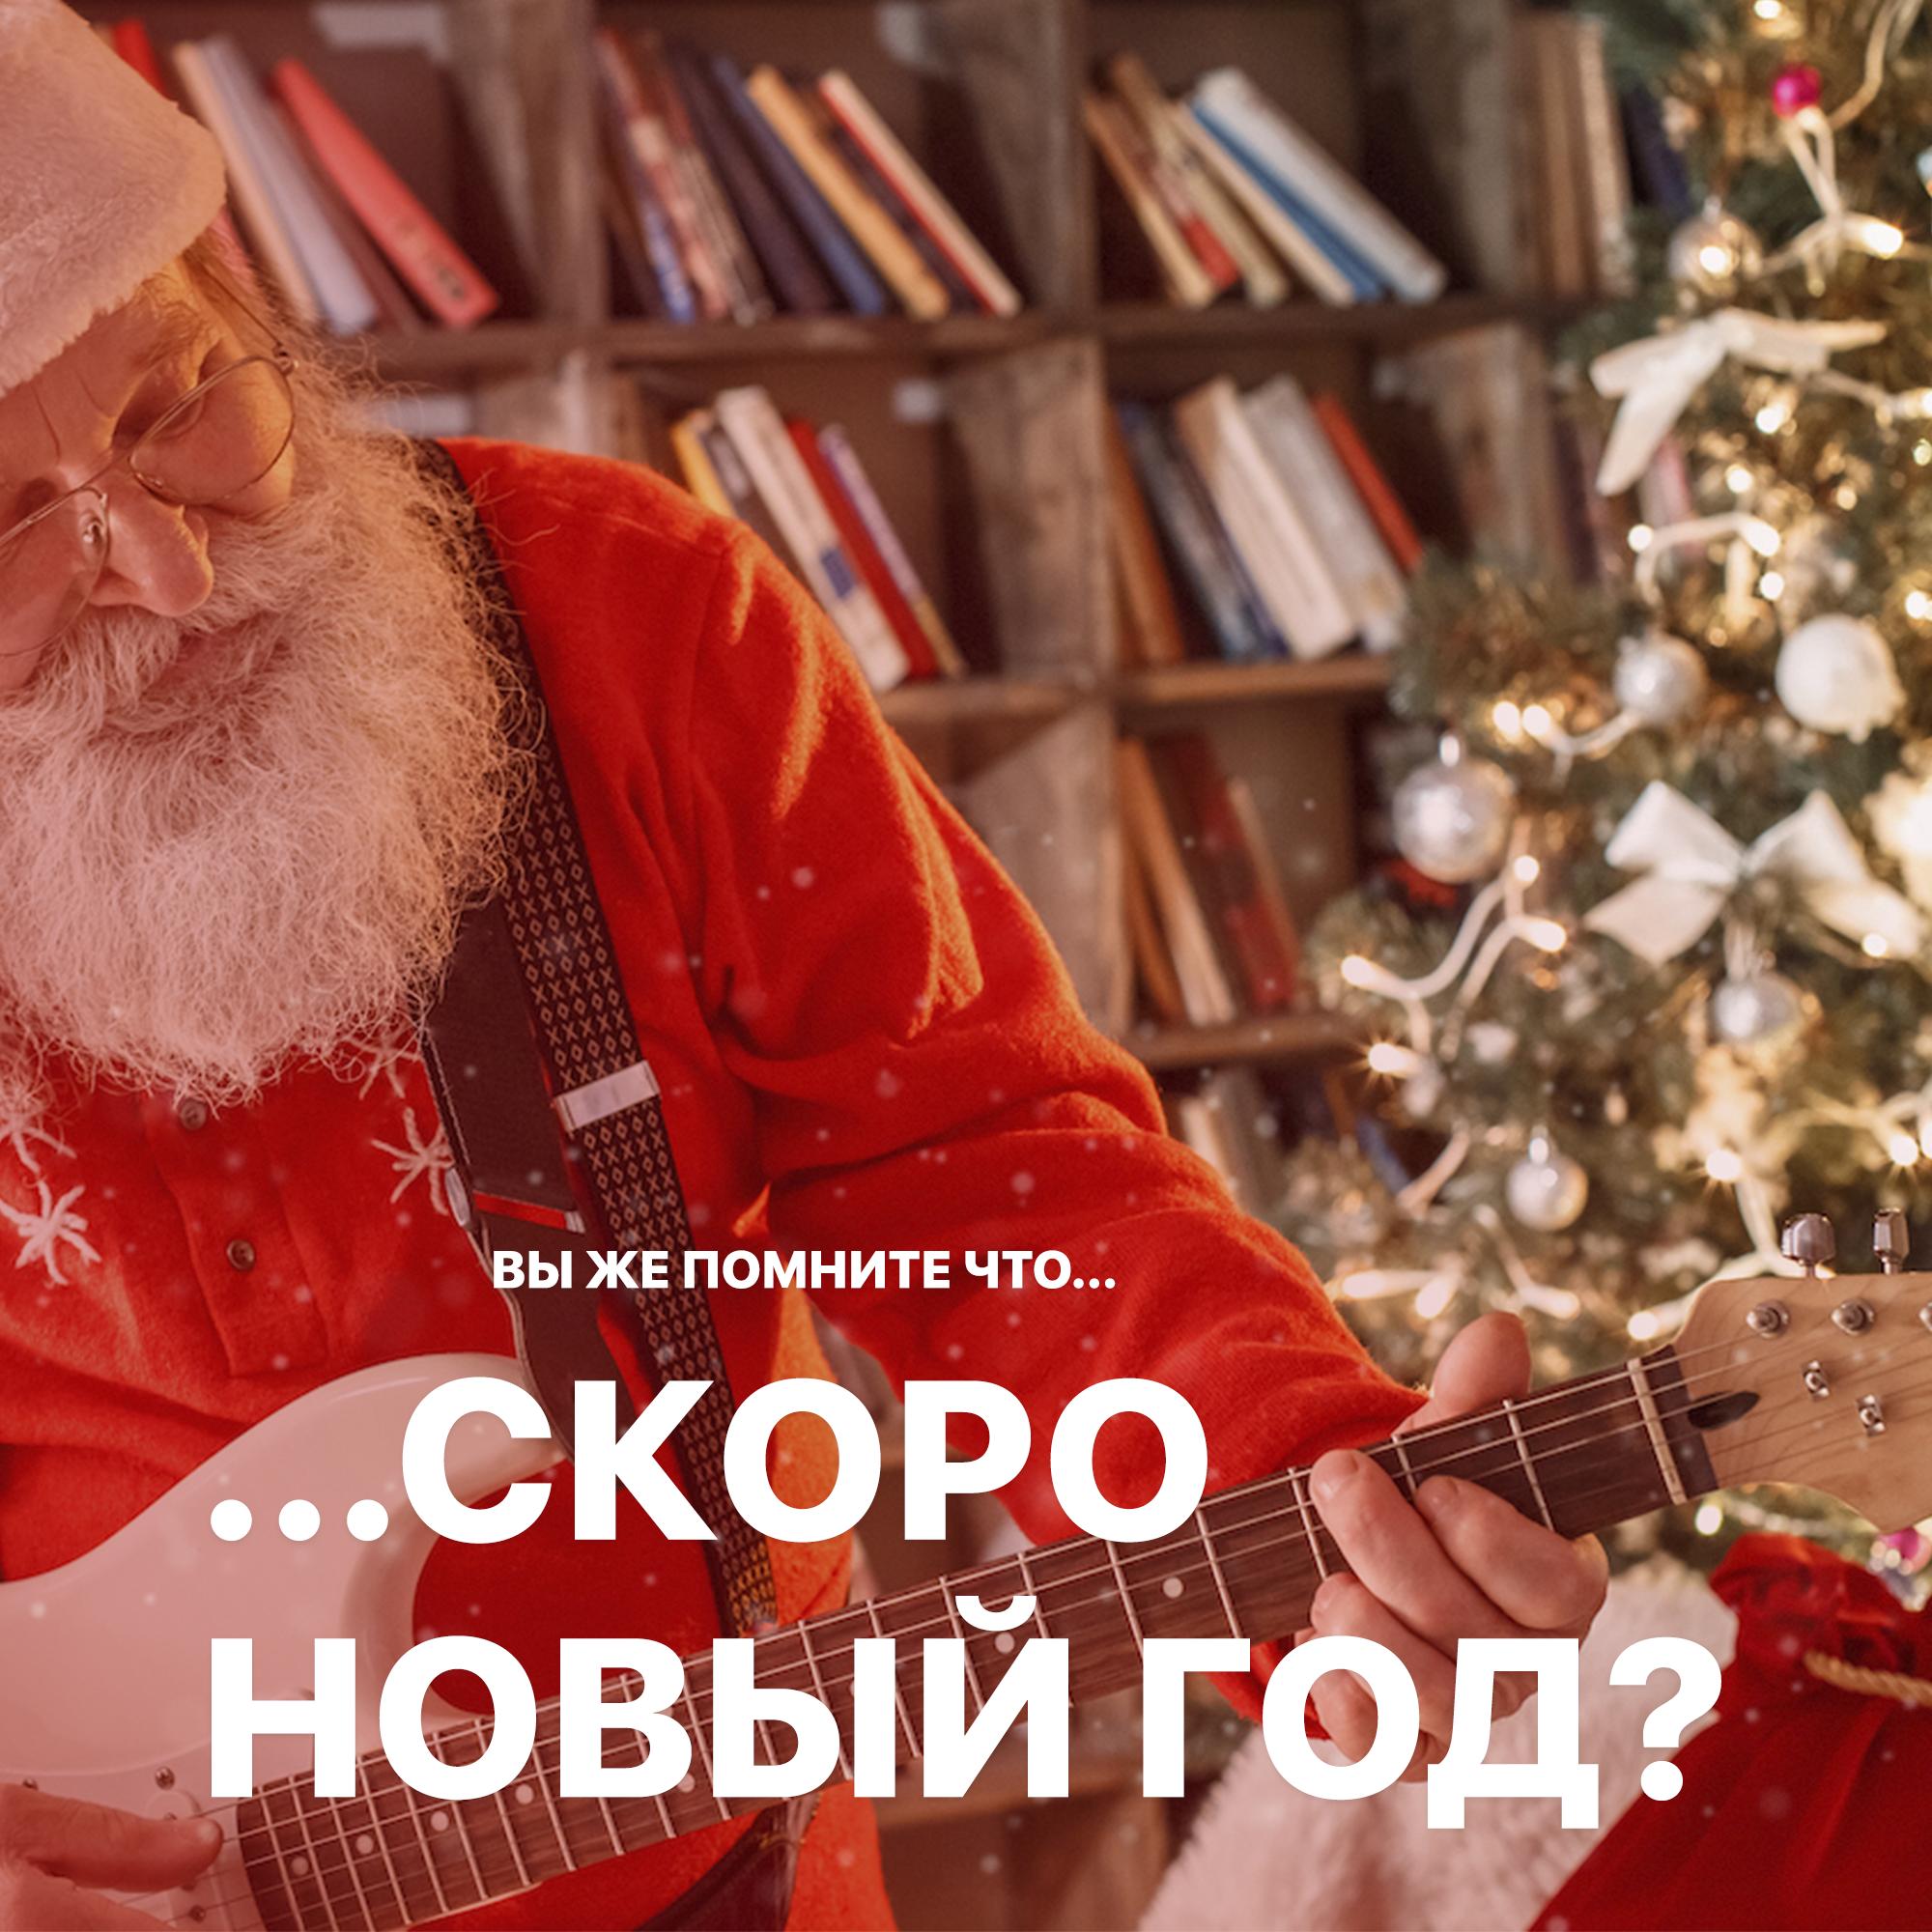 Время дарить новогоднее настроение!